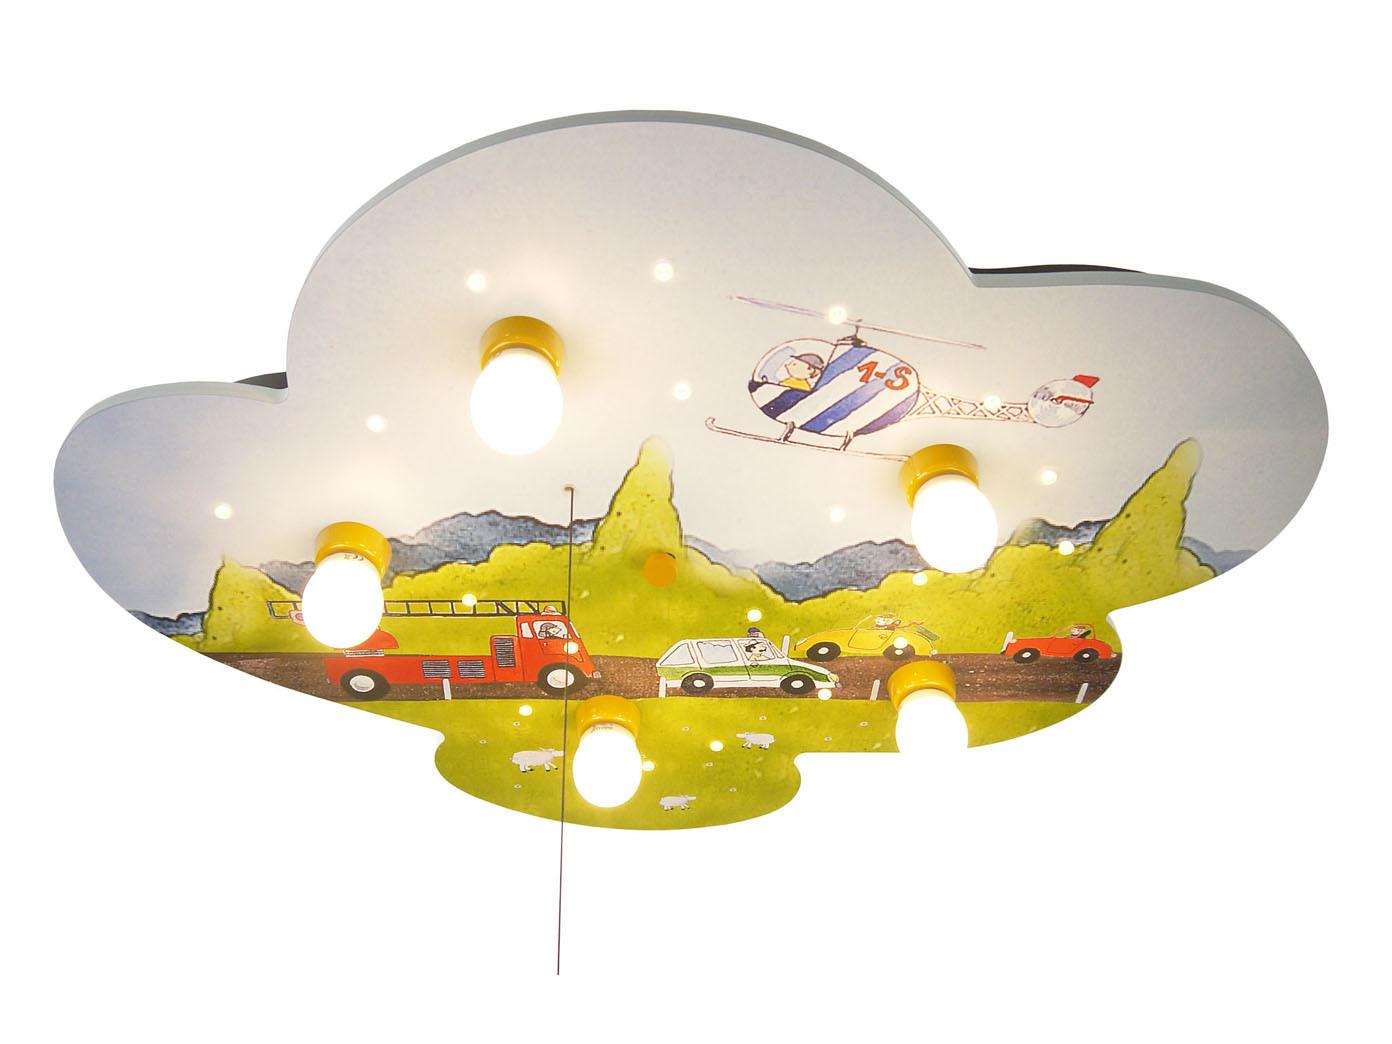 Deckenlampe kinderzimmer junge autos amazon echo kompatibel led schlummerlicht ebay - Amazon kinderzimmer ...